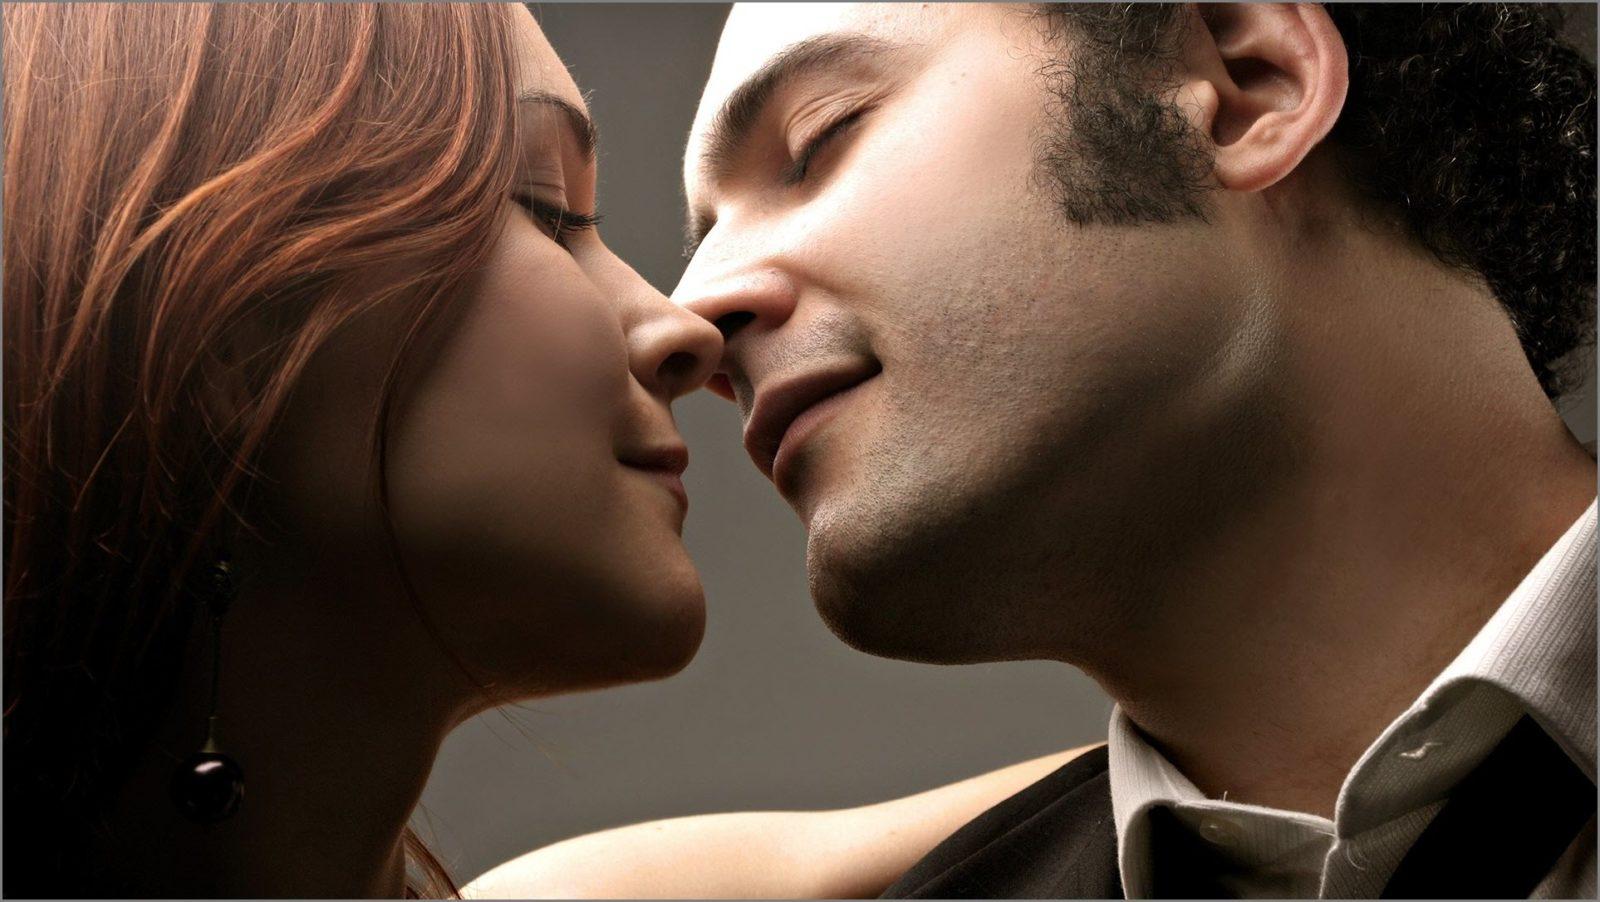 молодожёны целуются